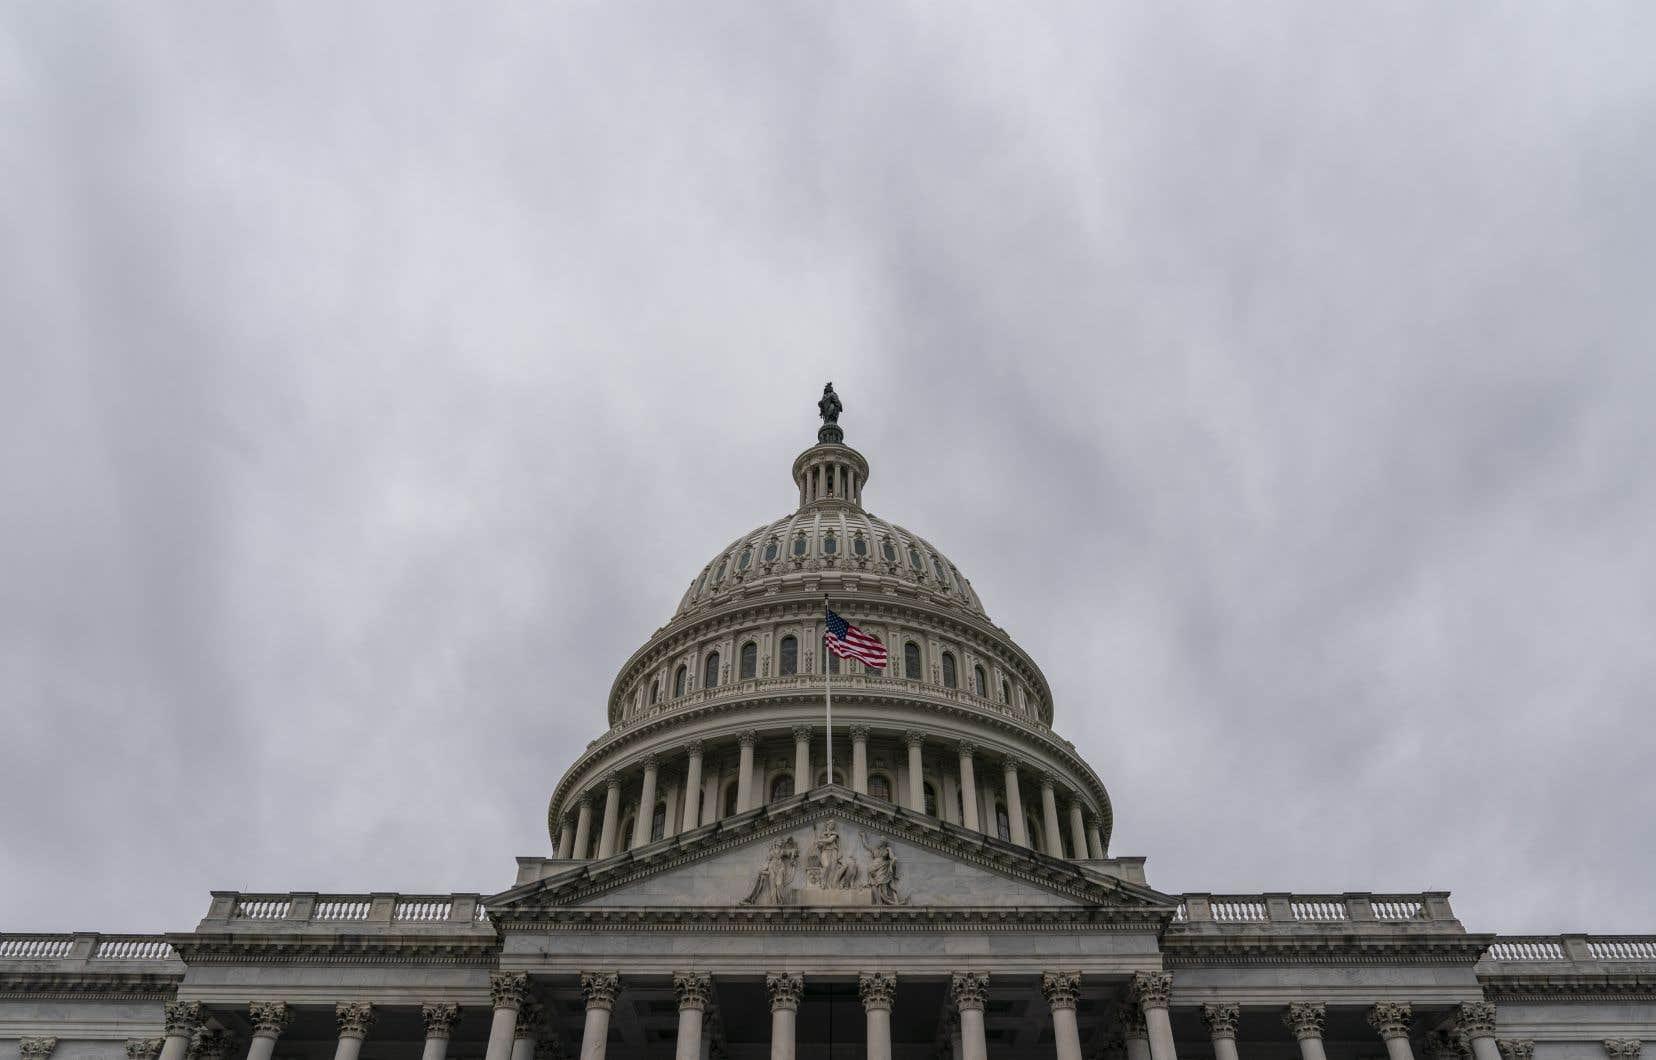 <p>Jusqu'ici, le Congrès n'avait jamais réussi à atteindre la majorité des deux tiers nécessaire pour outrepasser le veto de Trump, qu'il a utilisé à neuf reprises durant son mandat de quatre ans.</p>